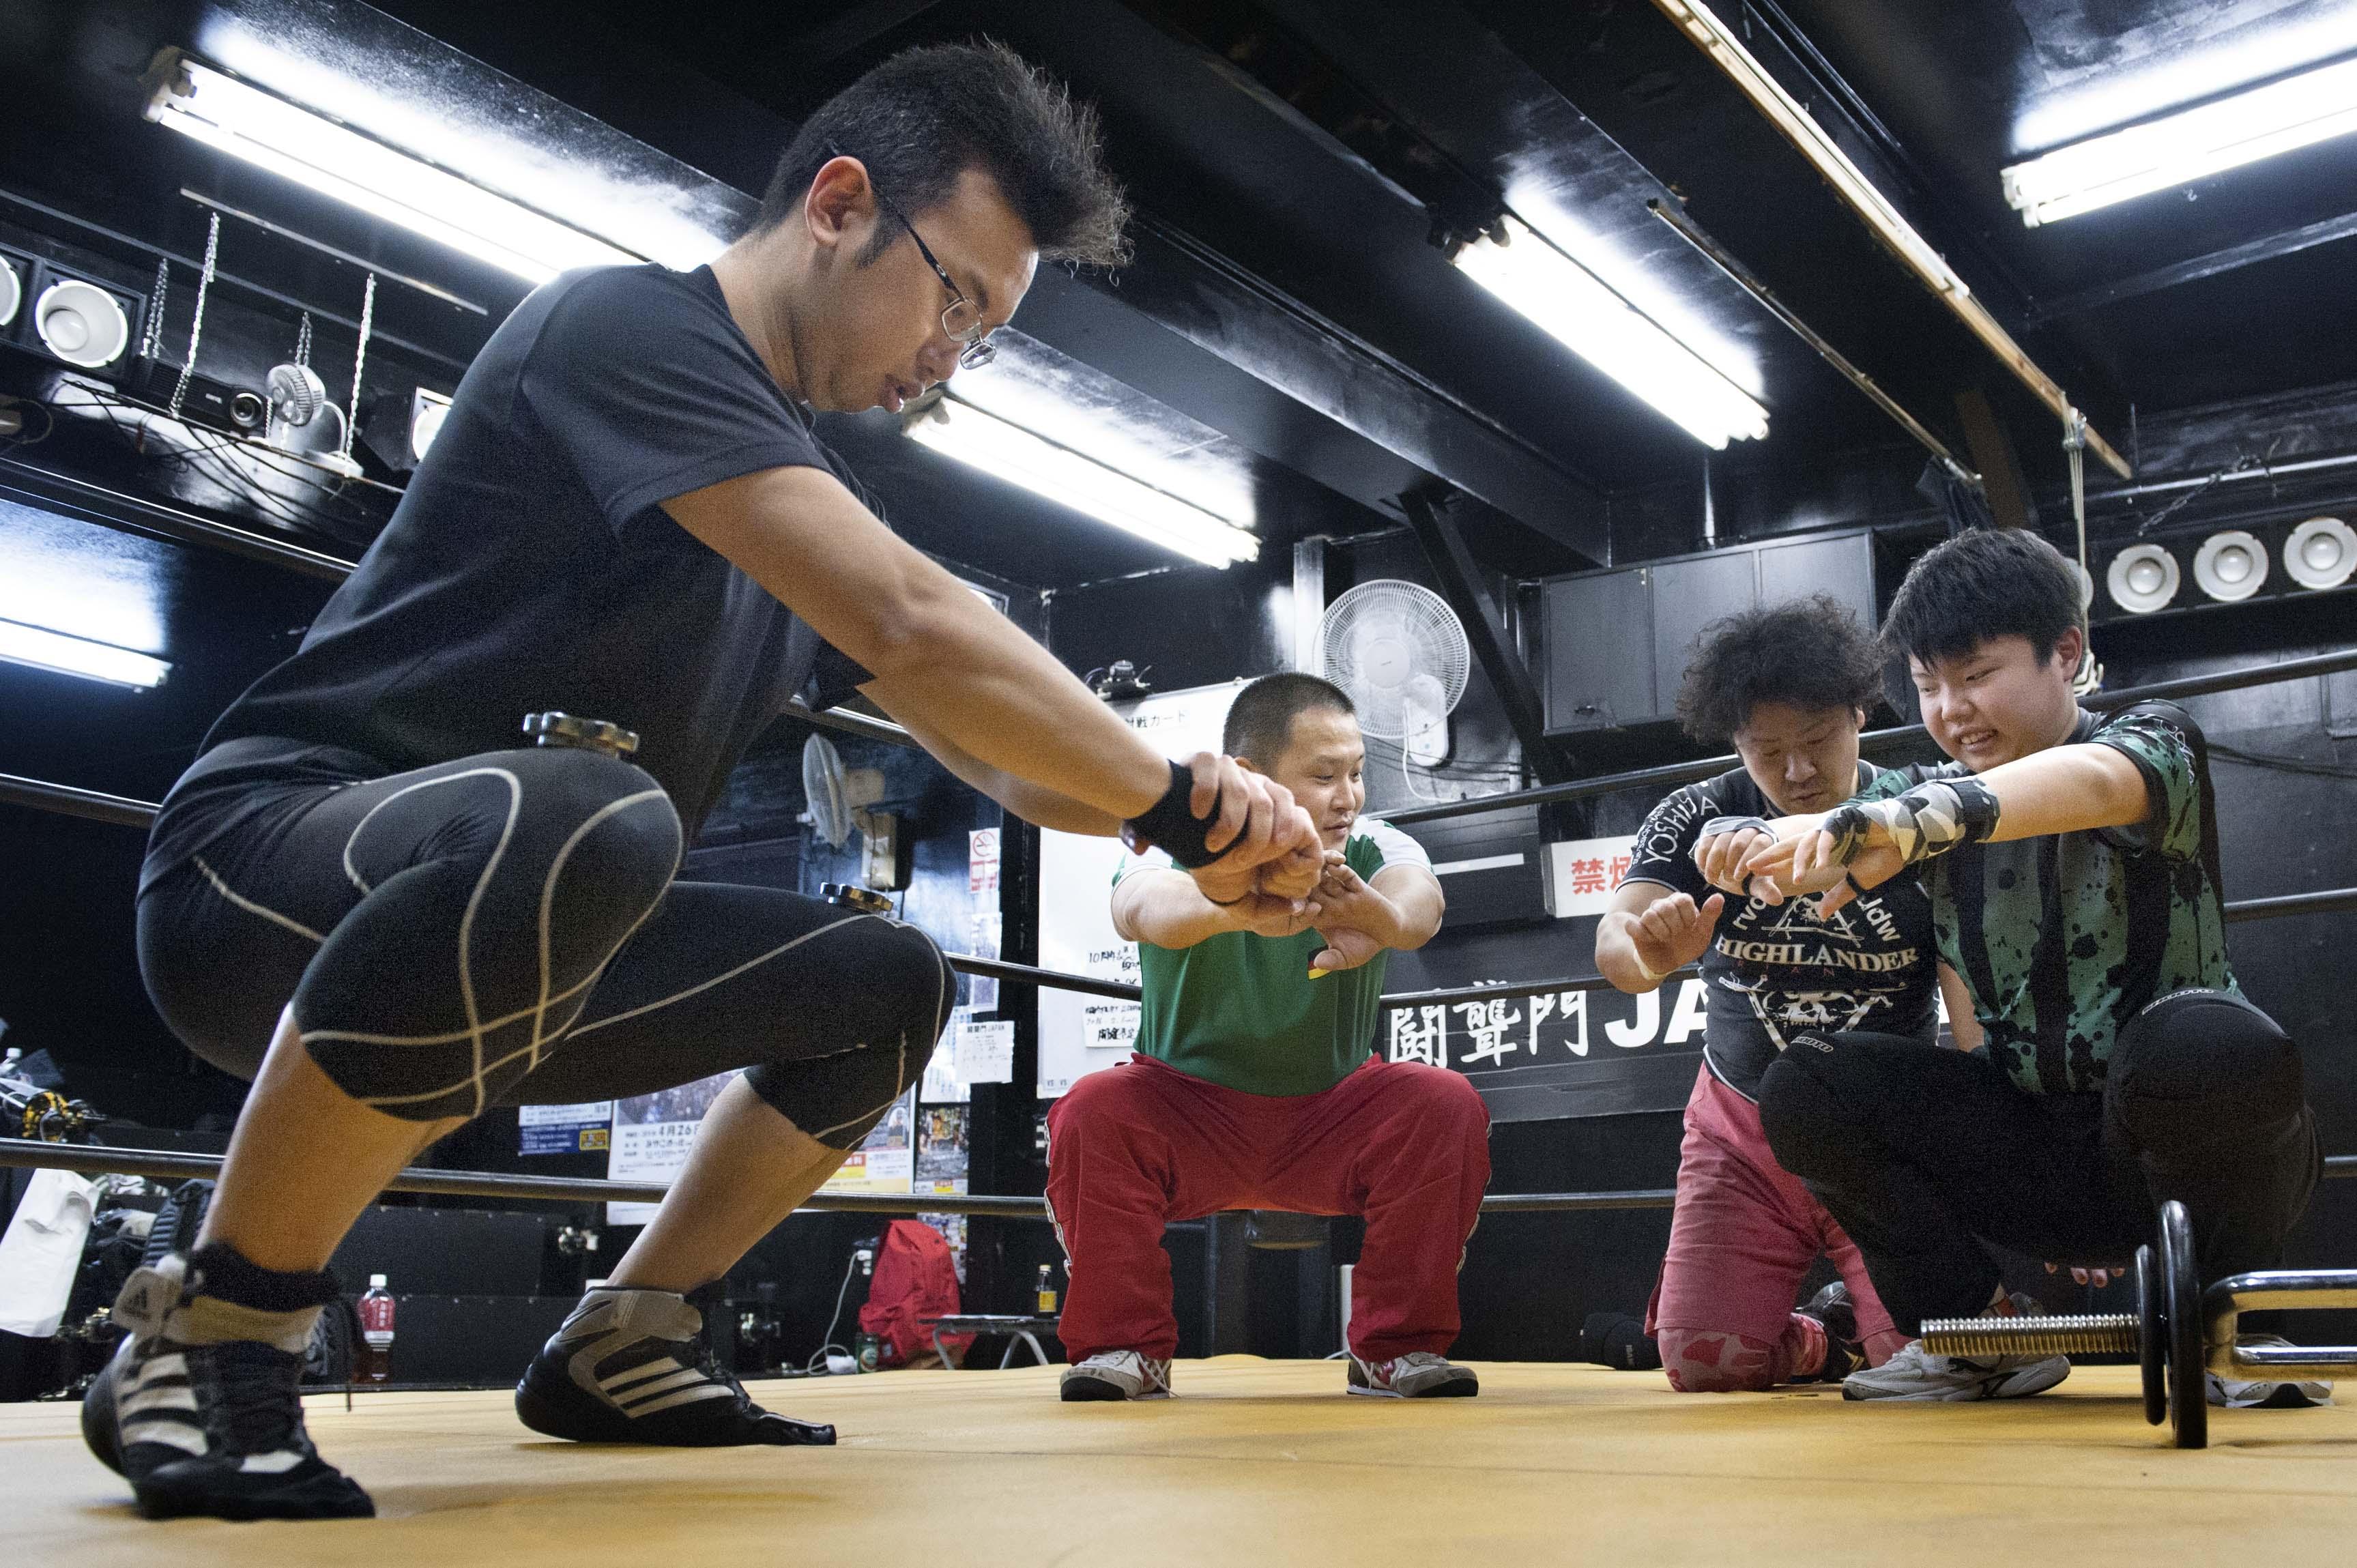 闘聾門—Sing wrestlers